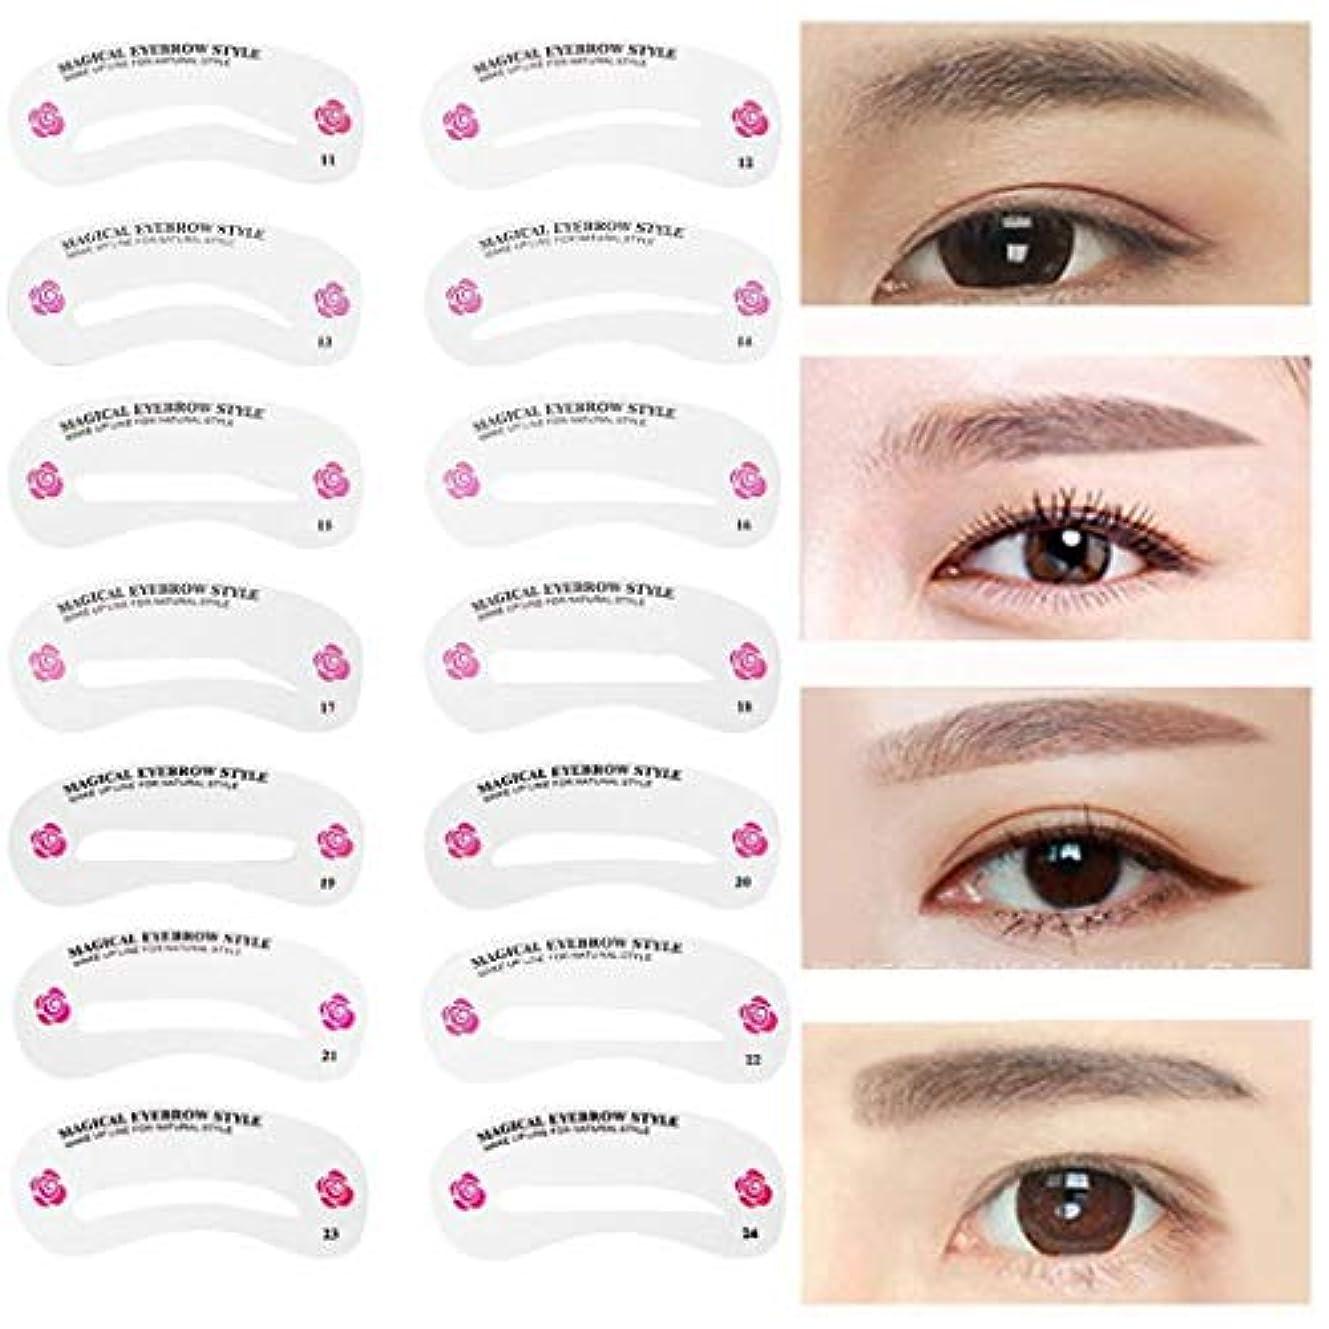 因子ヘッドレスジャンク24種類 眉毛テンプレート24枚セット 太眉対応 24パターン 眉毛を気分で使い分け 眉用ステンシル